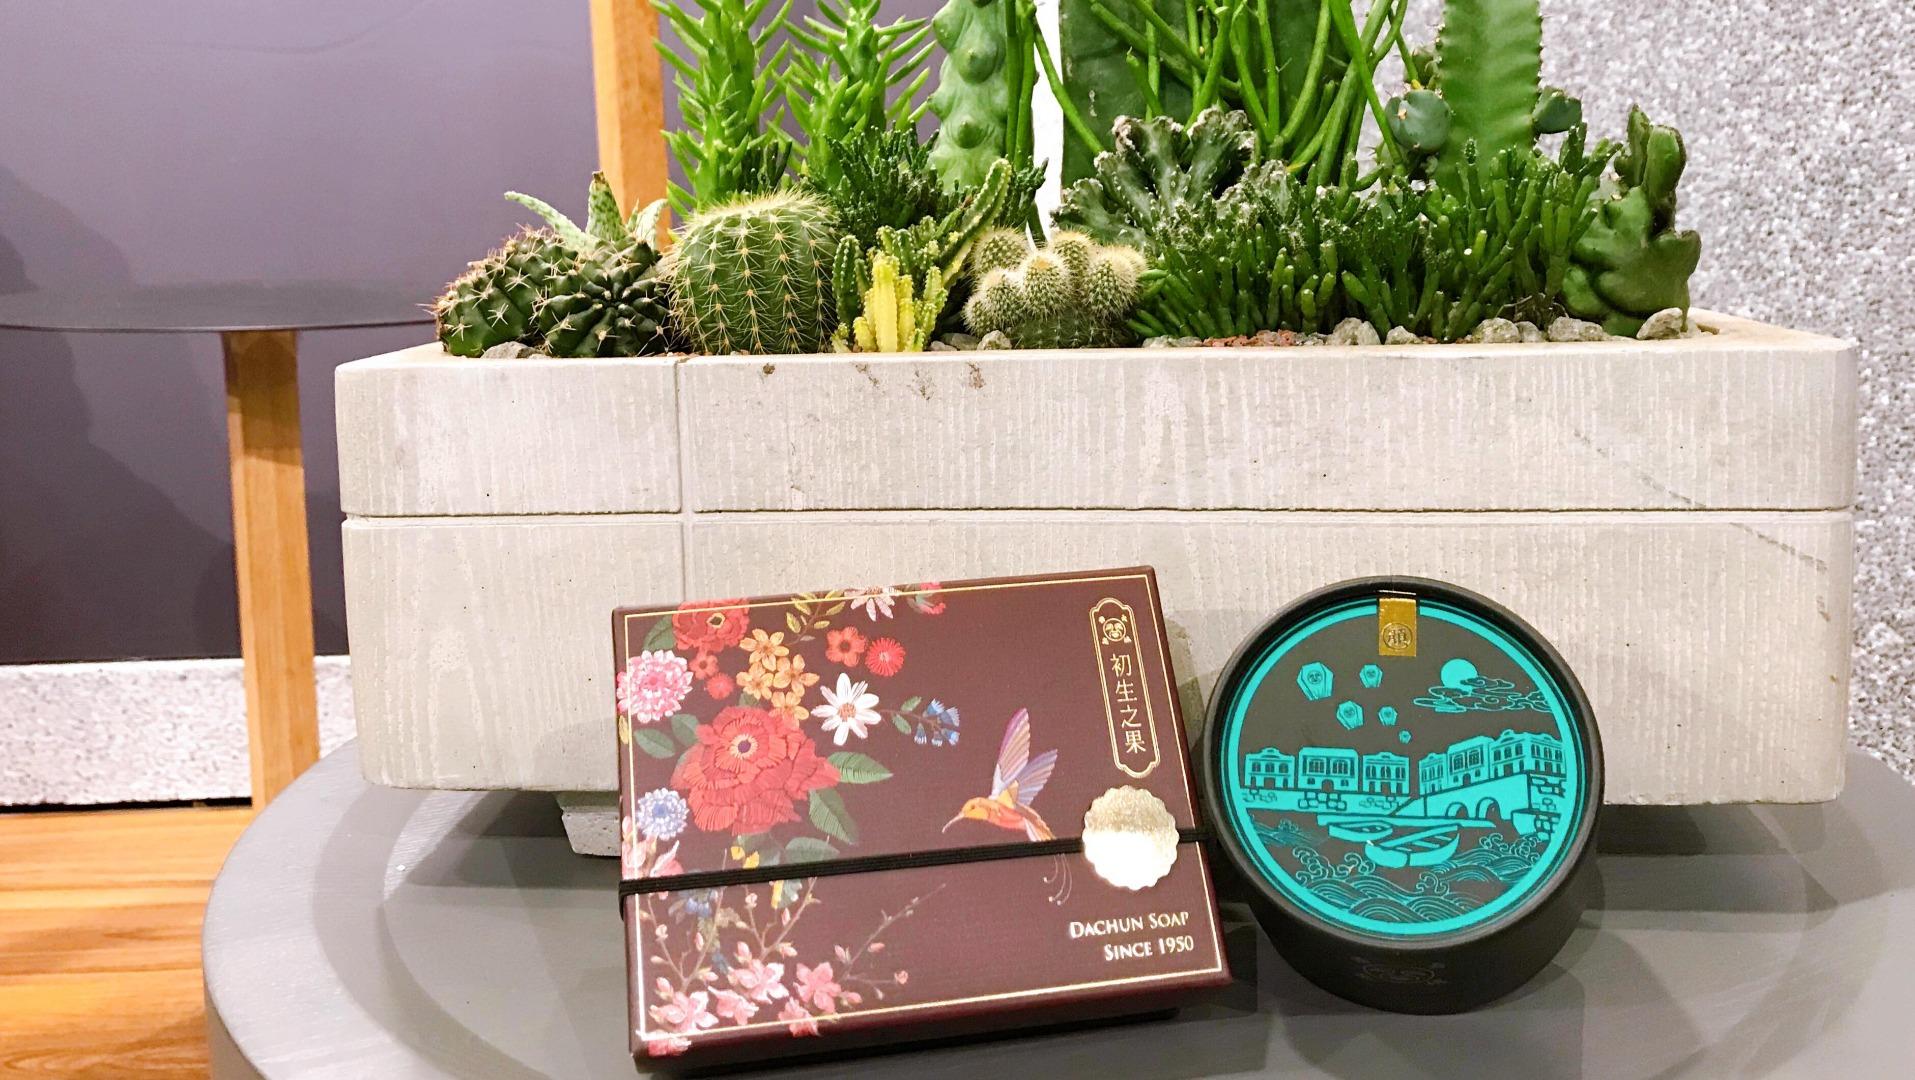 大春煉皂打造城市中的一抹森林氣息,療癒五感,喚醒妳的柔軟內在